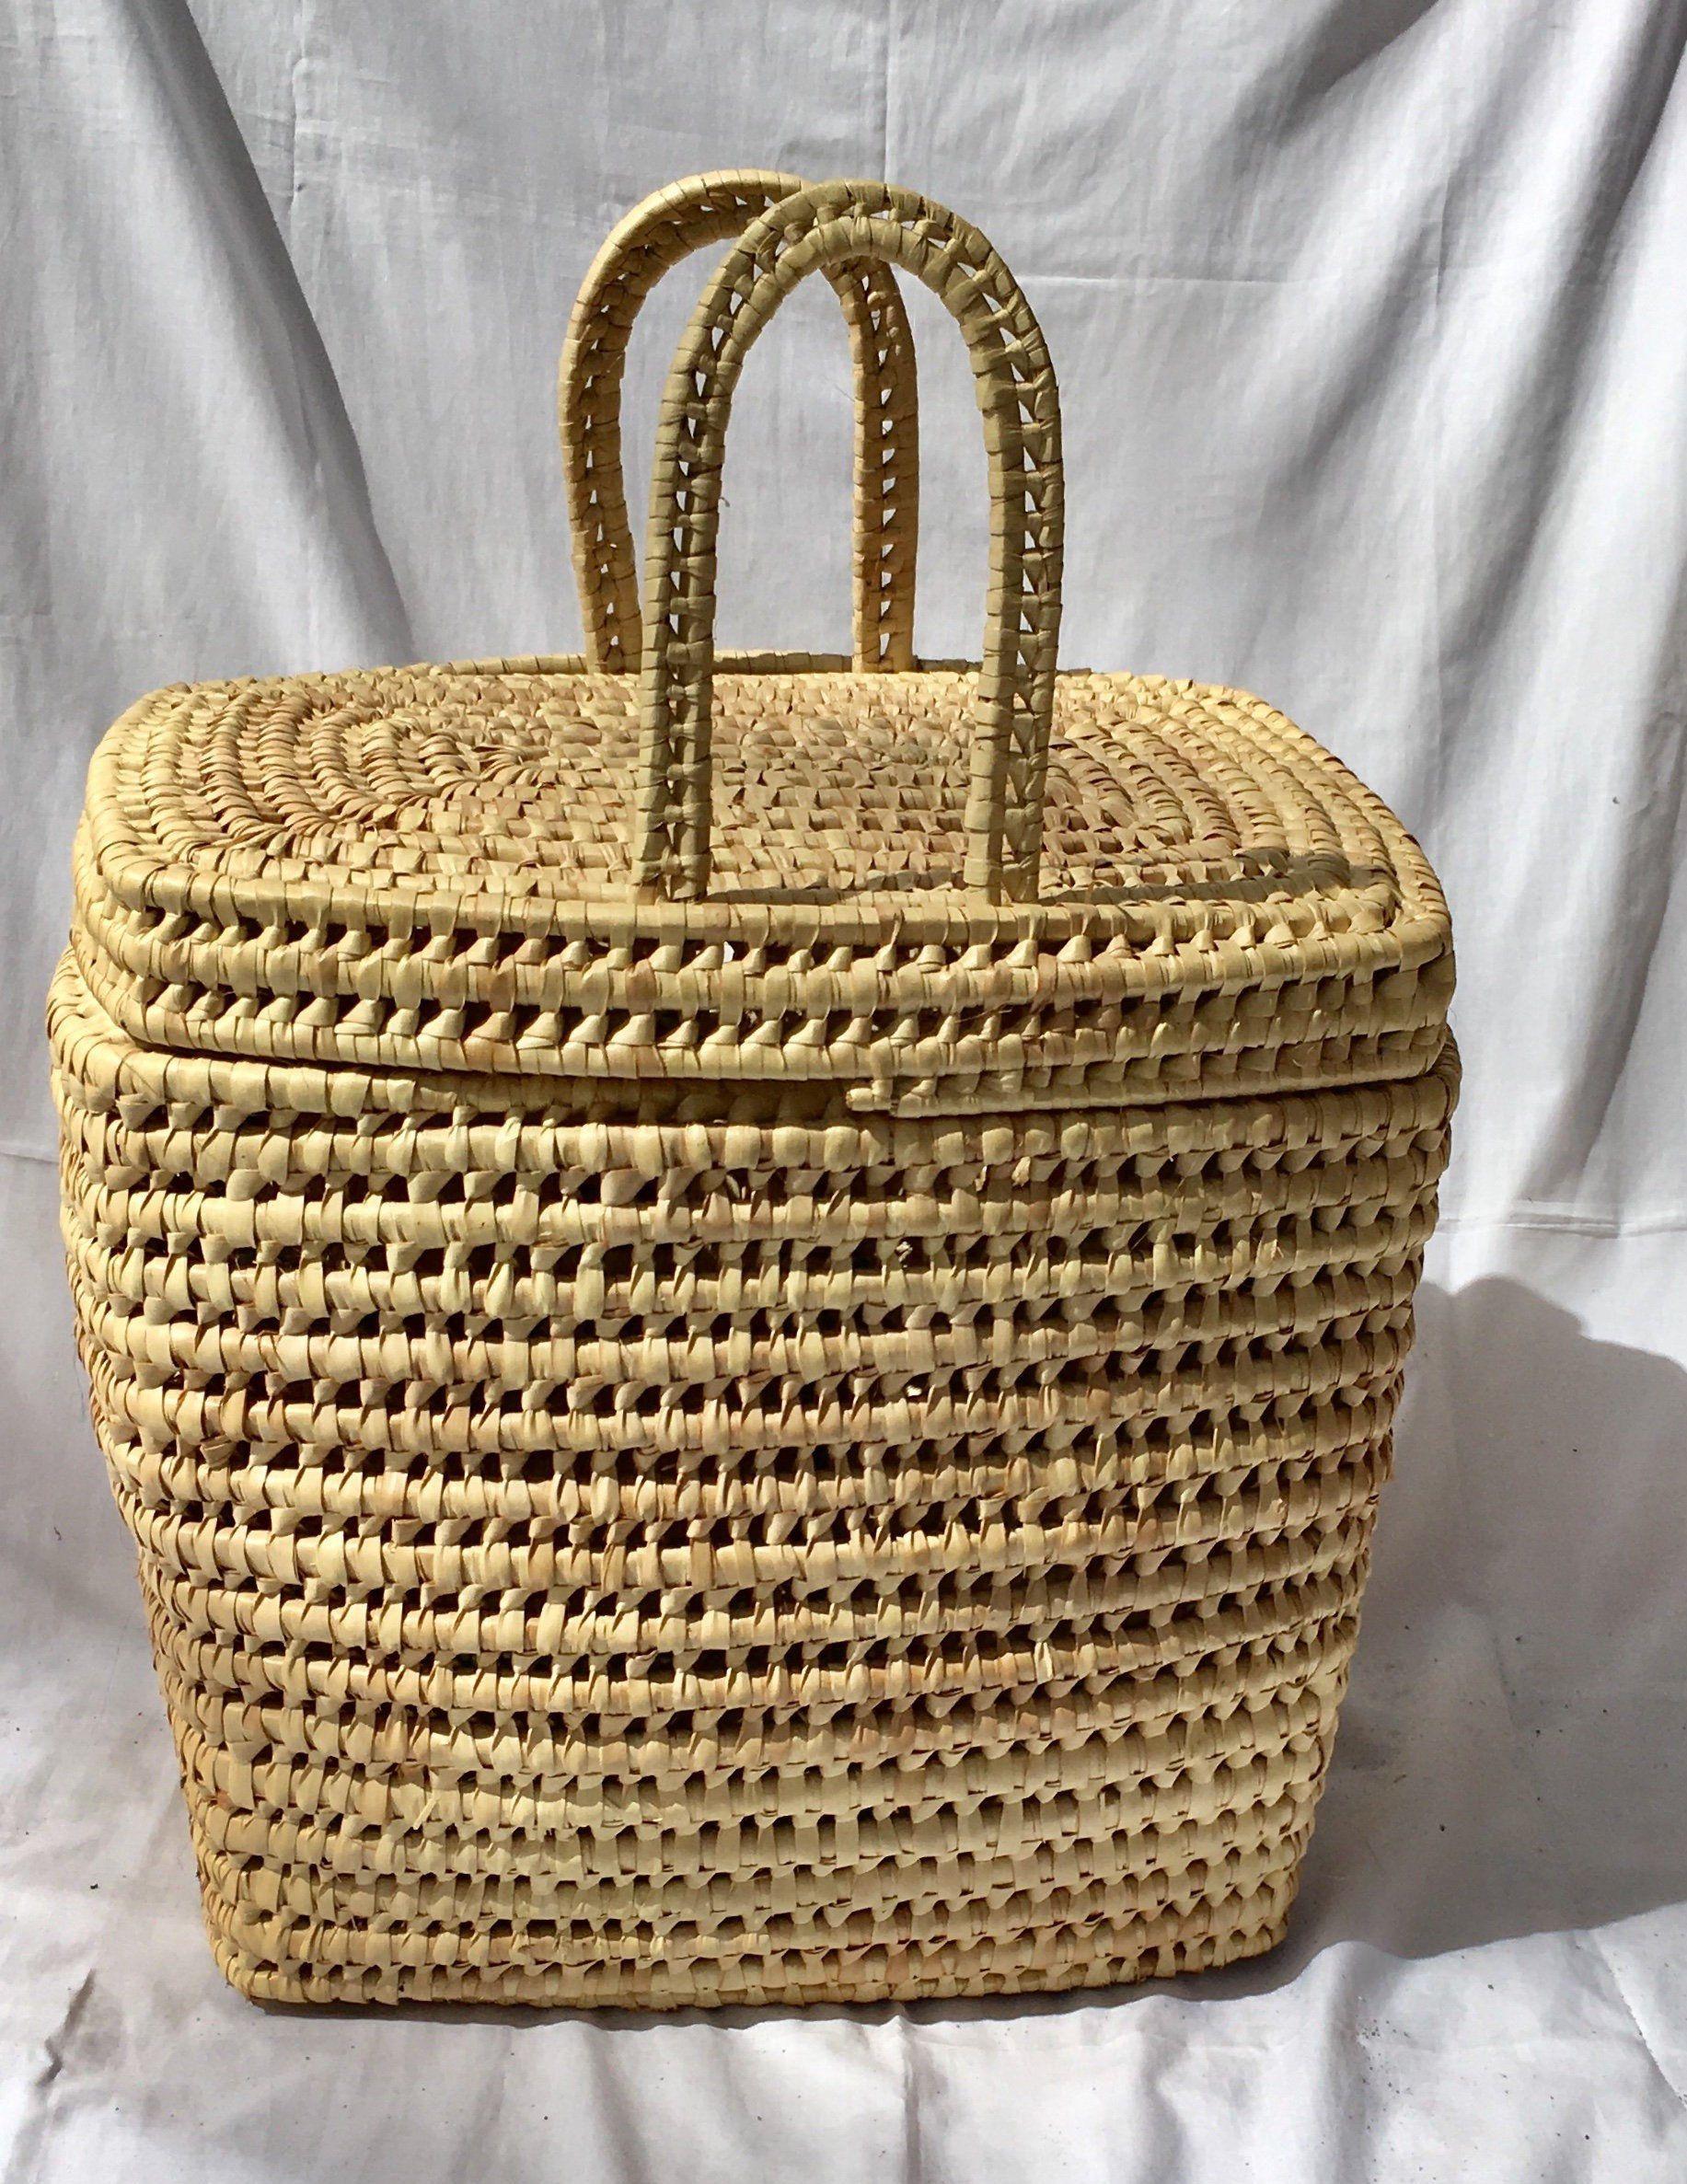 Vintage picnic basket Woven Wicker home basket decorative basket storage basket shopping bag, market bag